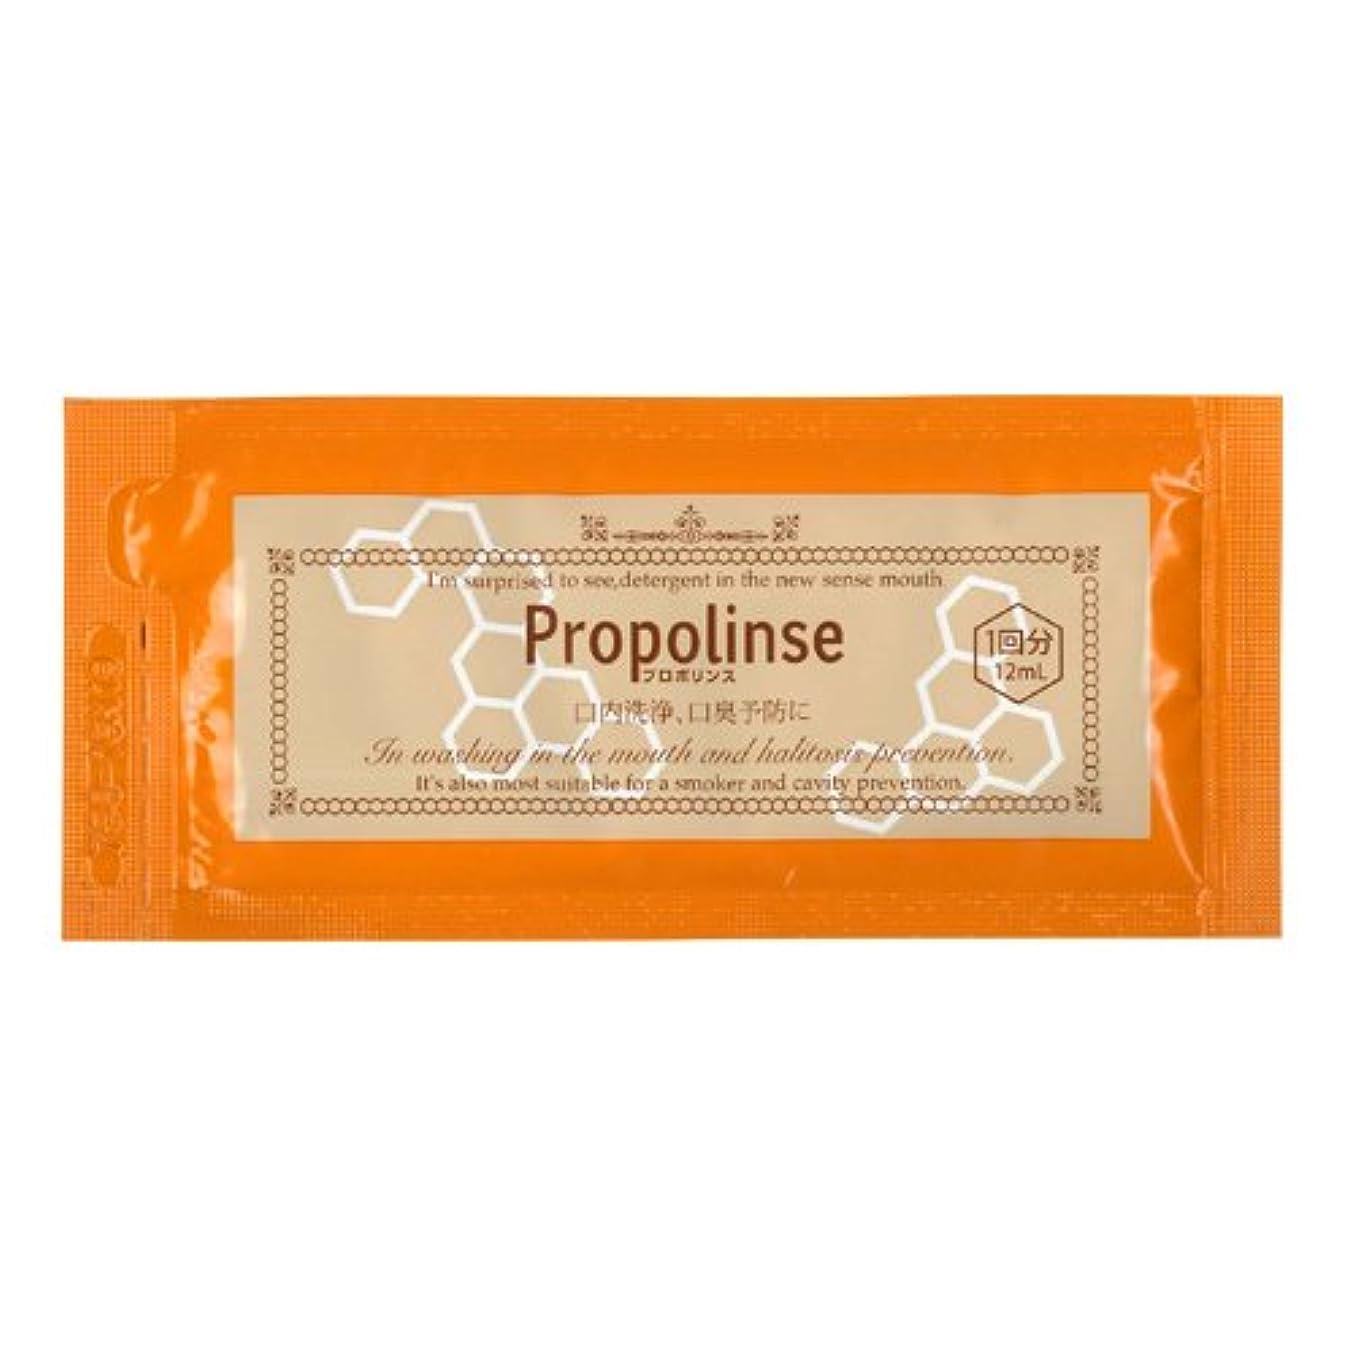 貸す馬鹿げたスイス人プロポリンス ハンディパウチ 12ml(1袋)×100袋